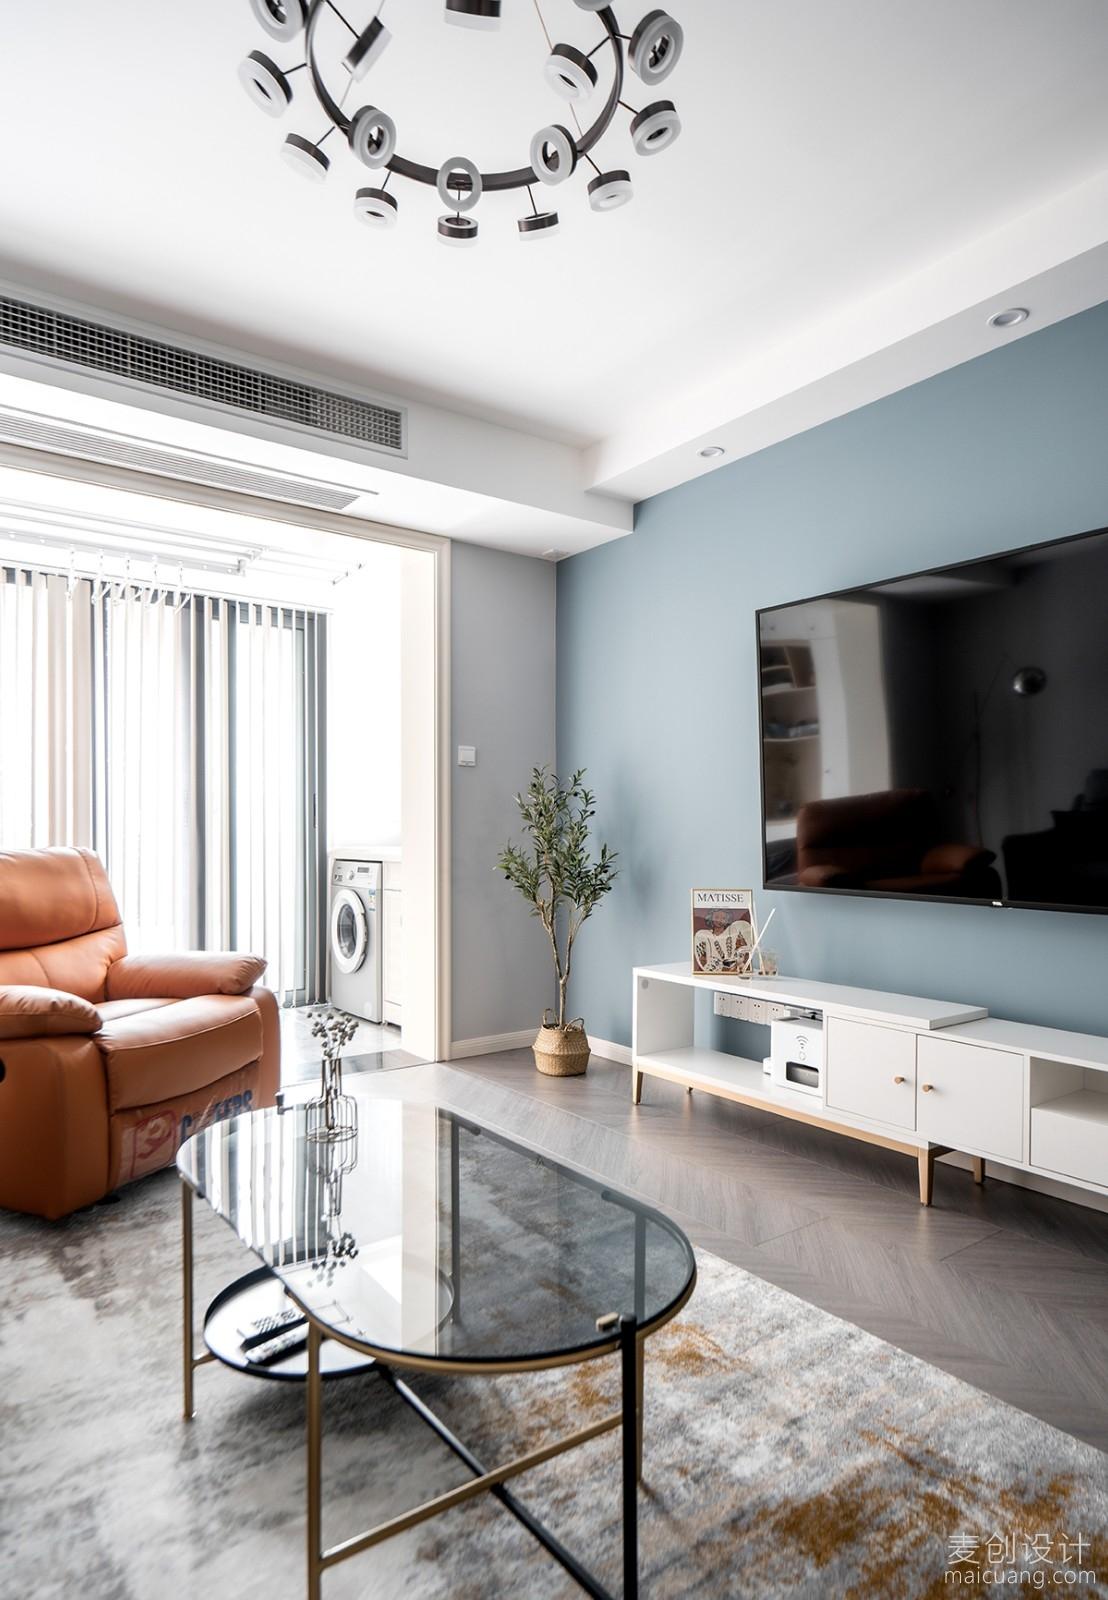 灰蓝色乳胶漆电视背景墙